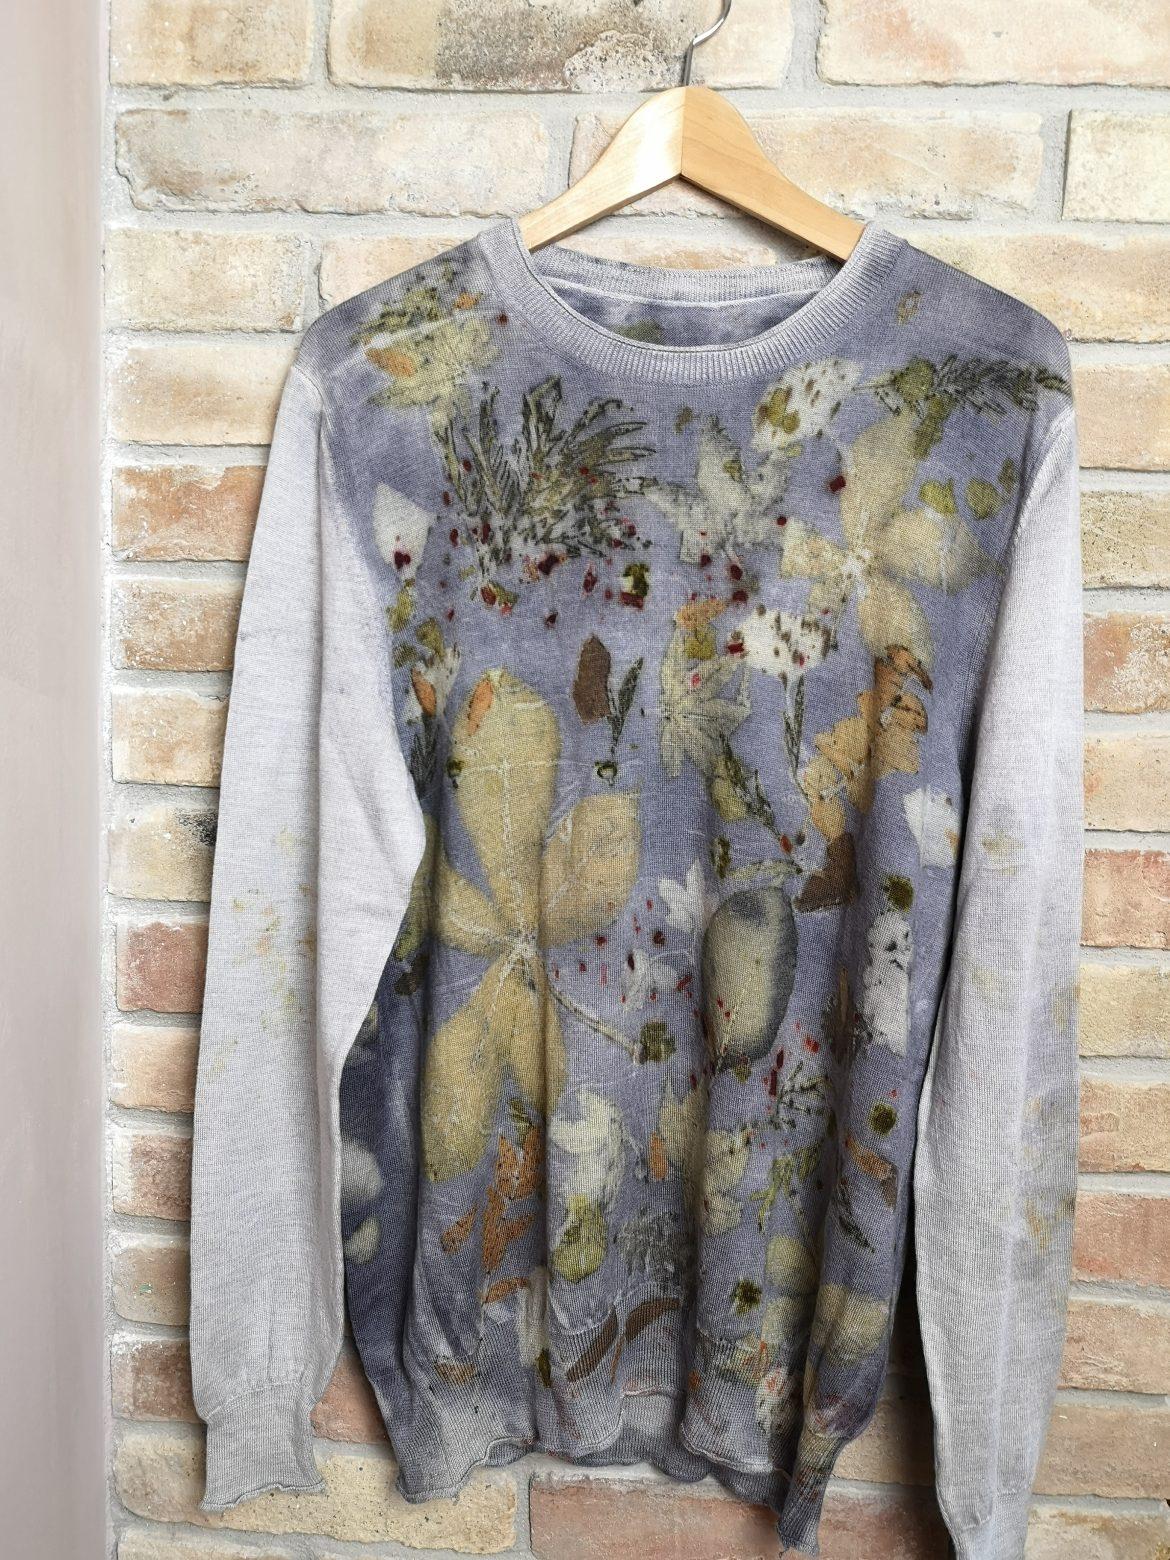 Regali di Natale 2020: idee regalo di Sogni di Cinzia, maglione da uomo